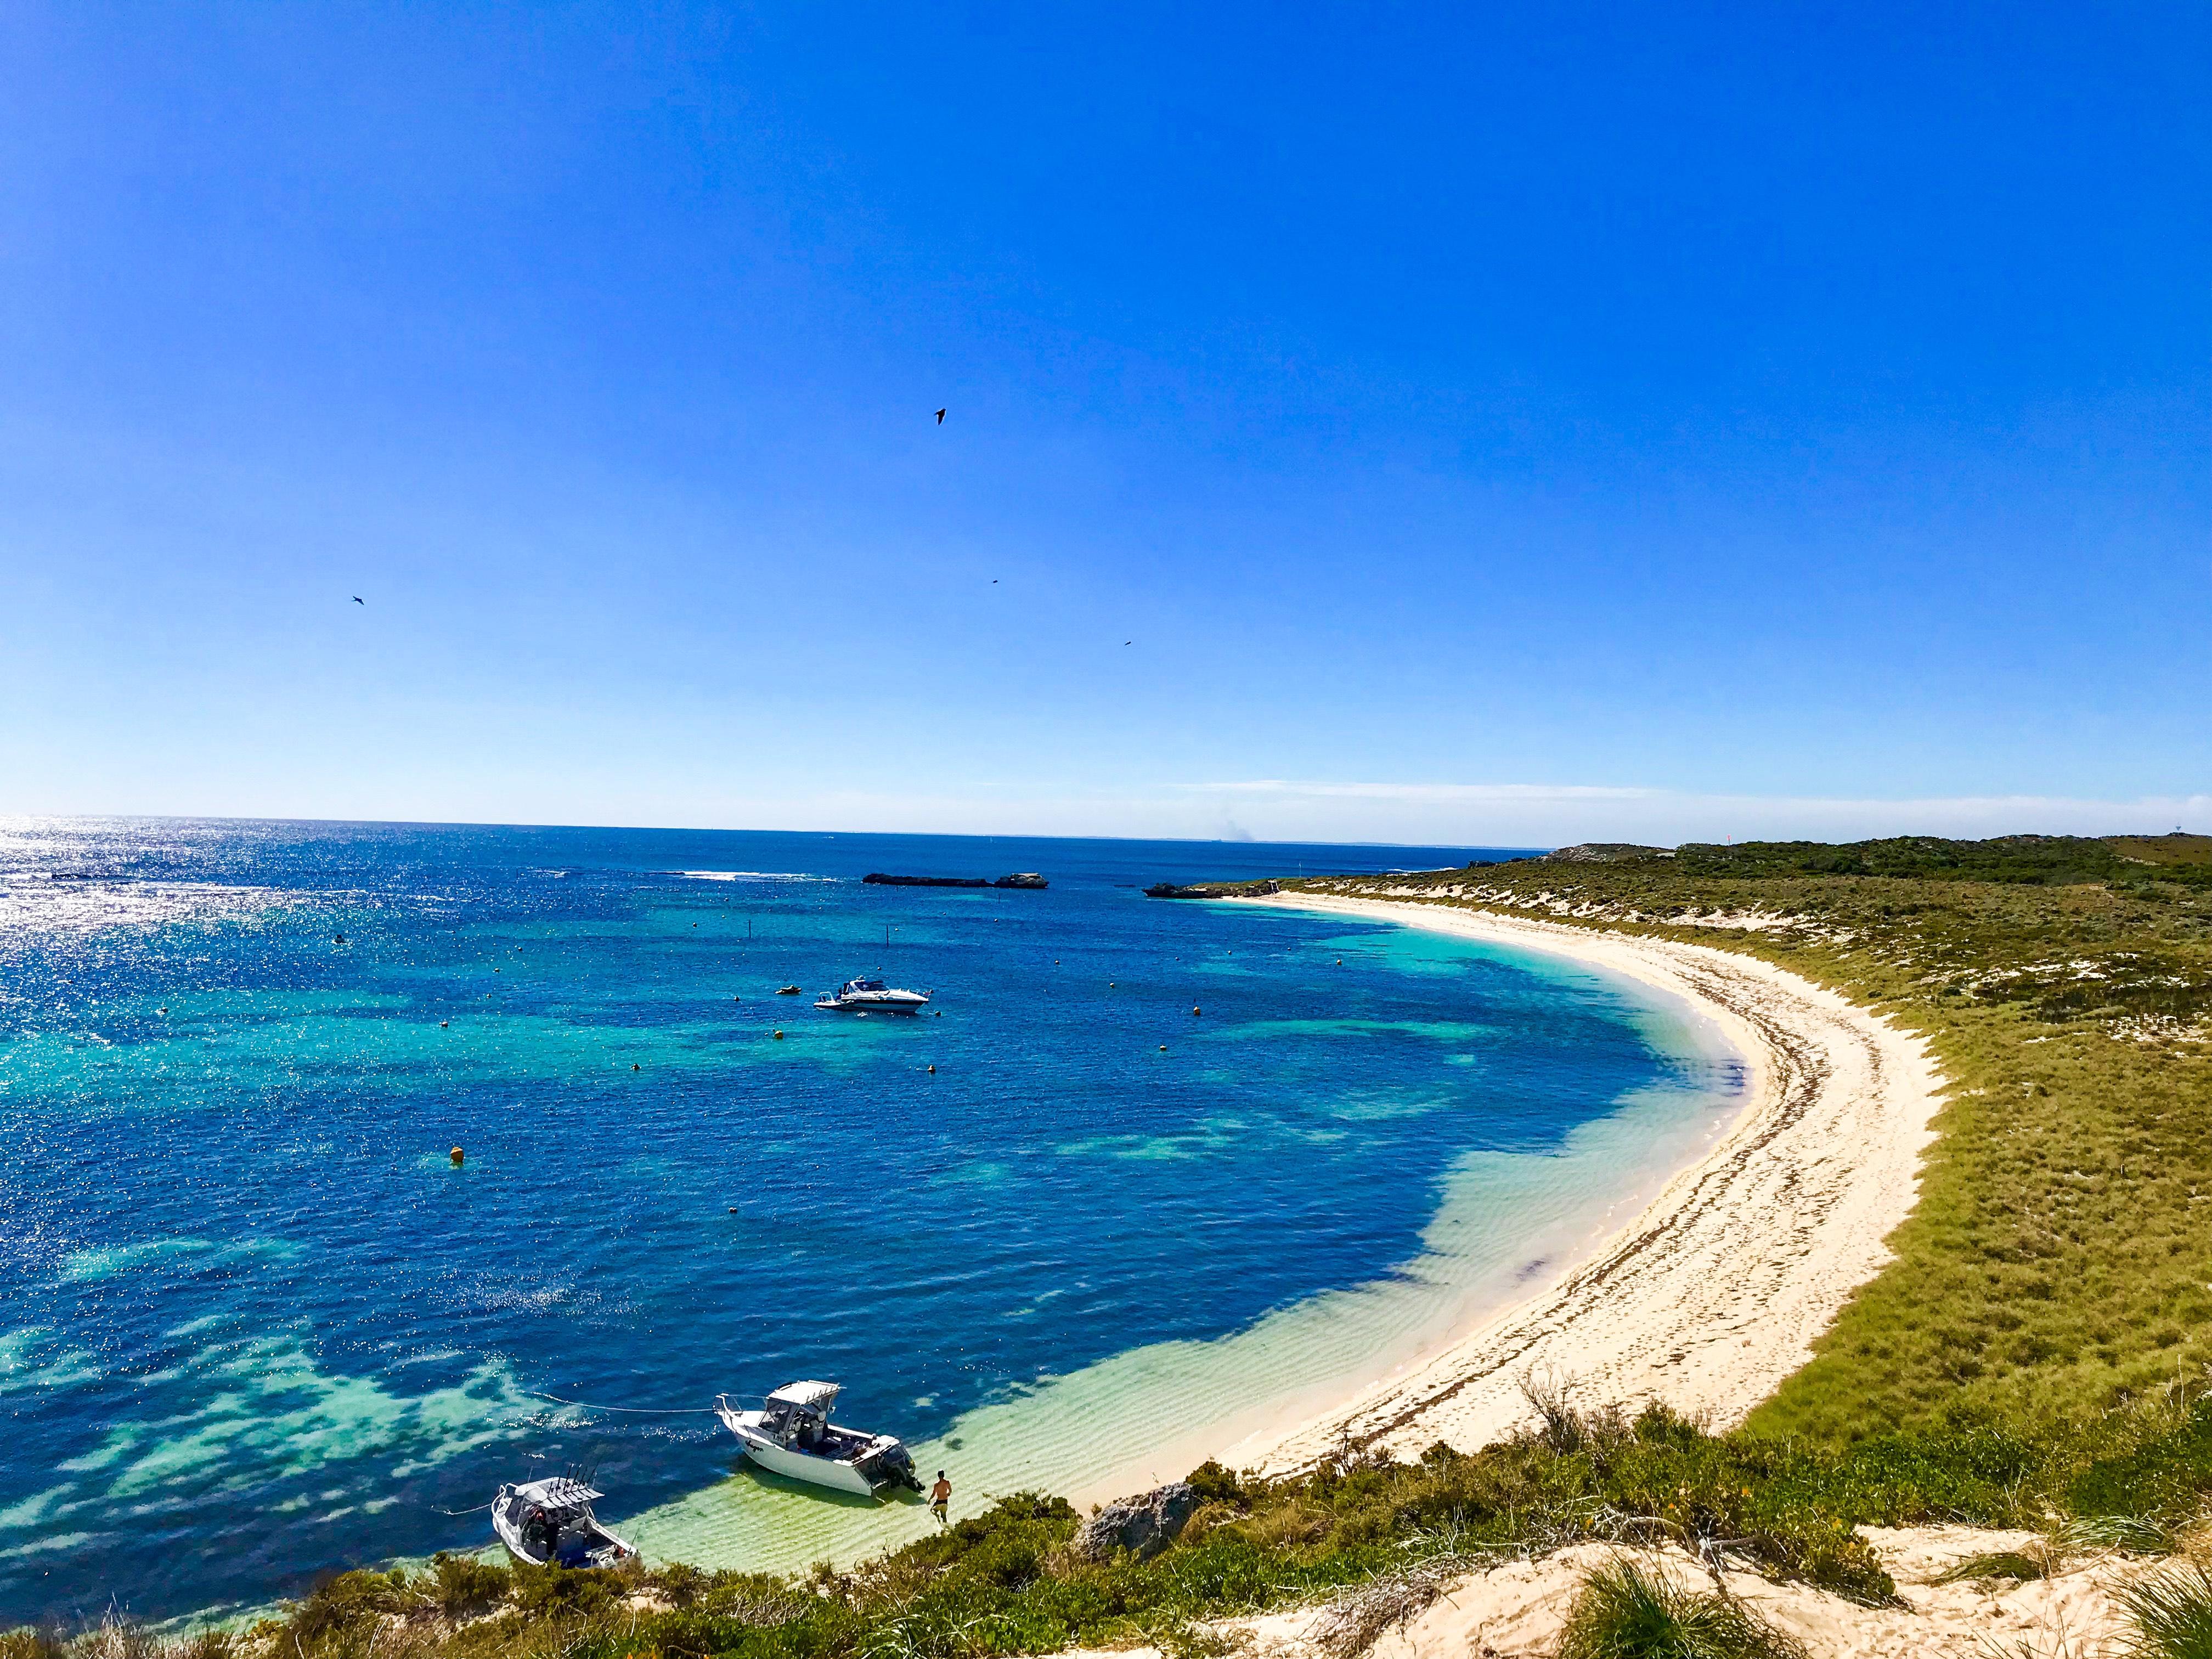 Spirit Quest Travel exploring Rottnest Island, Western Australia. Visit spiritquesttravel.com.au for more Rottnest Island travel tips.